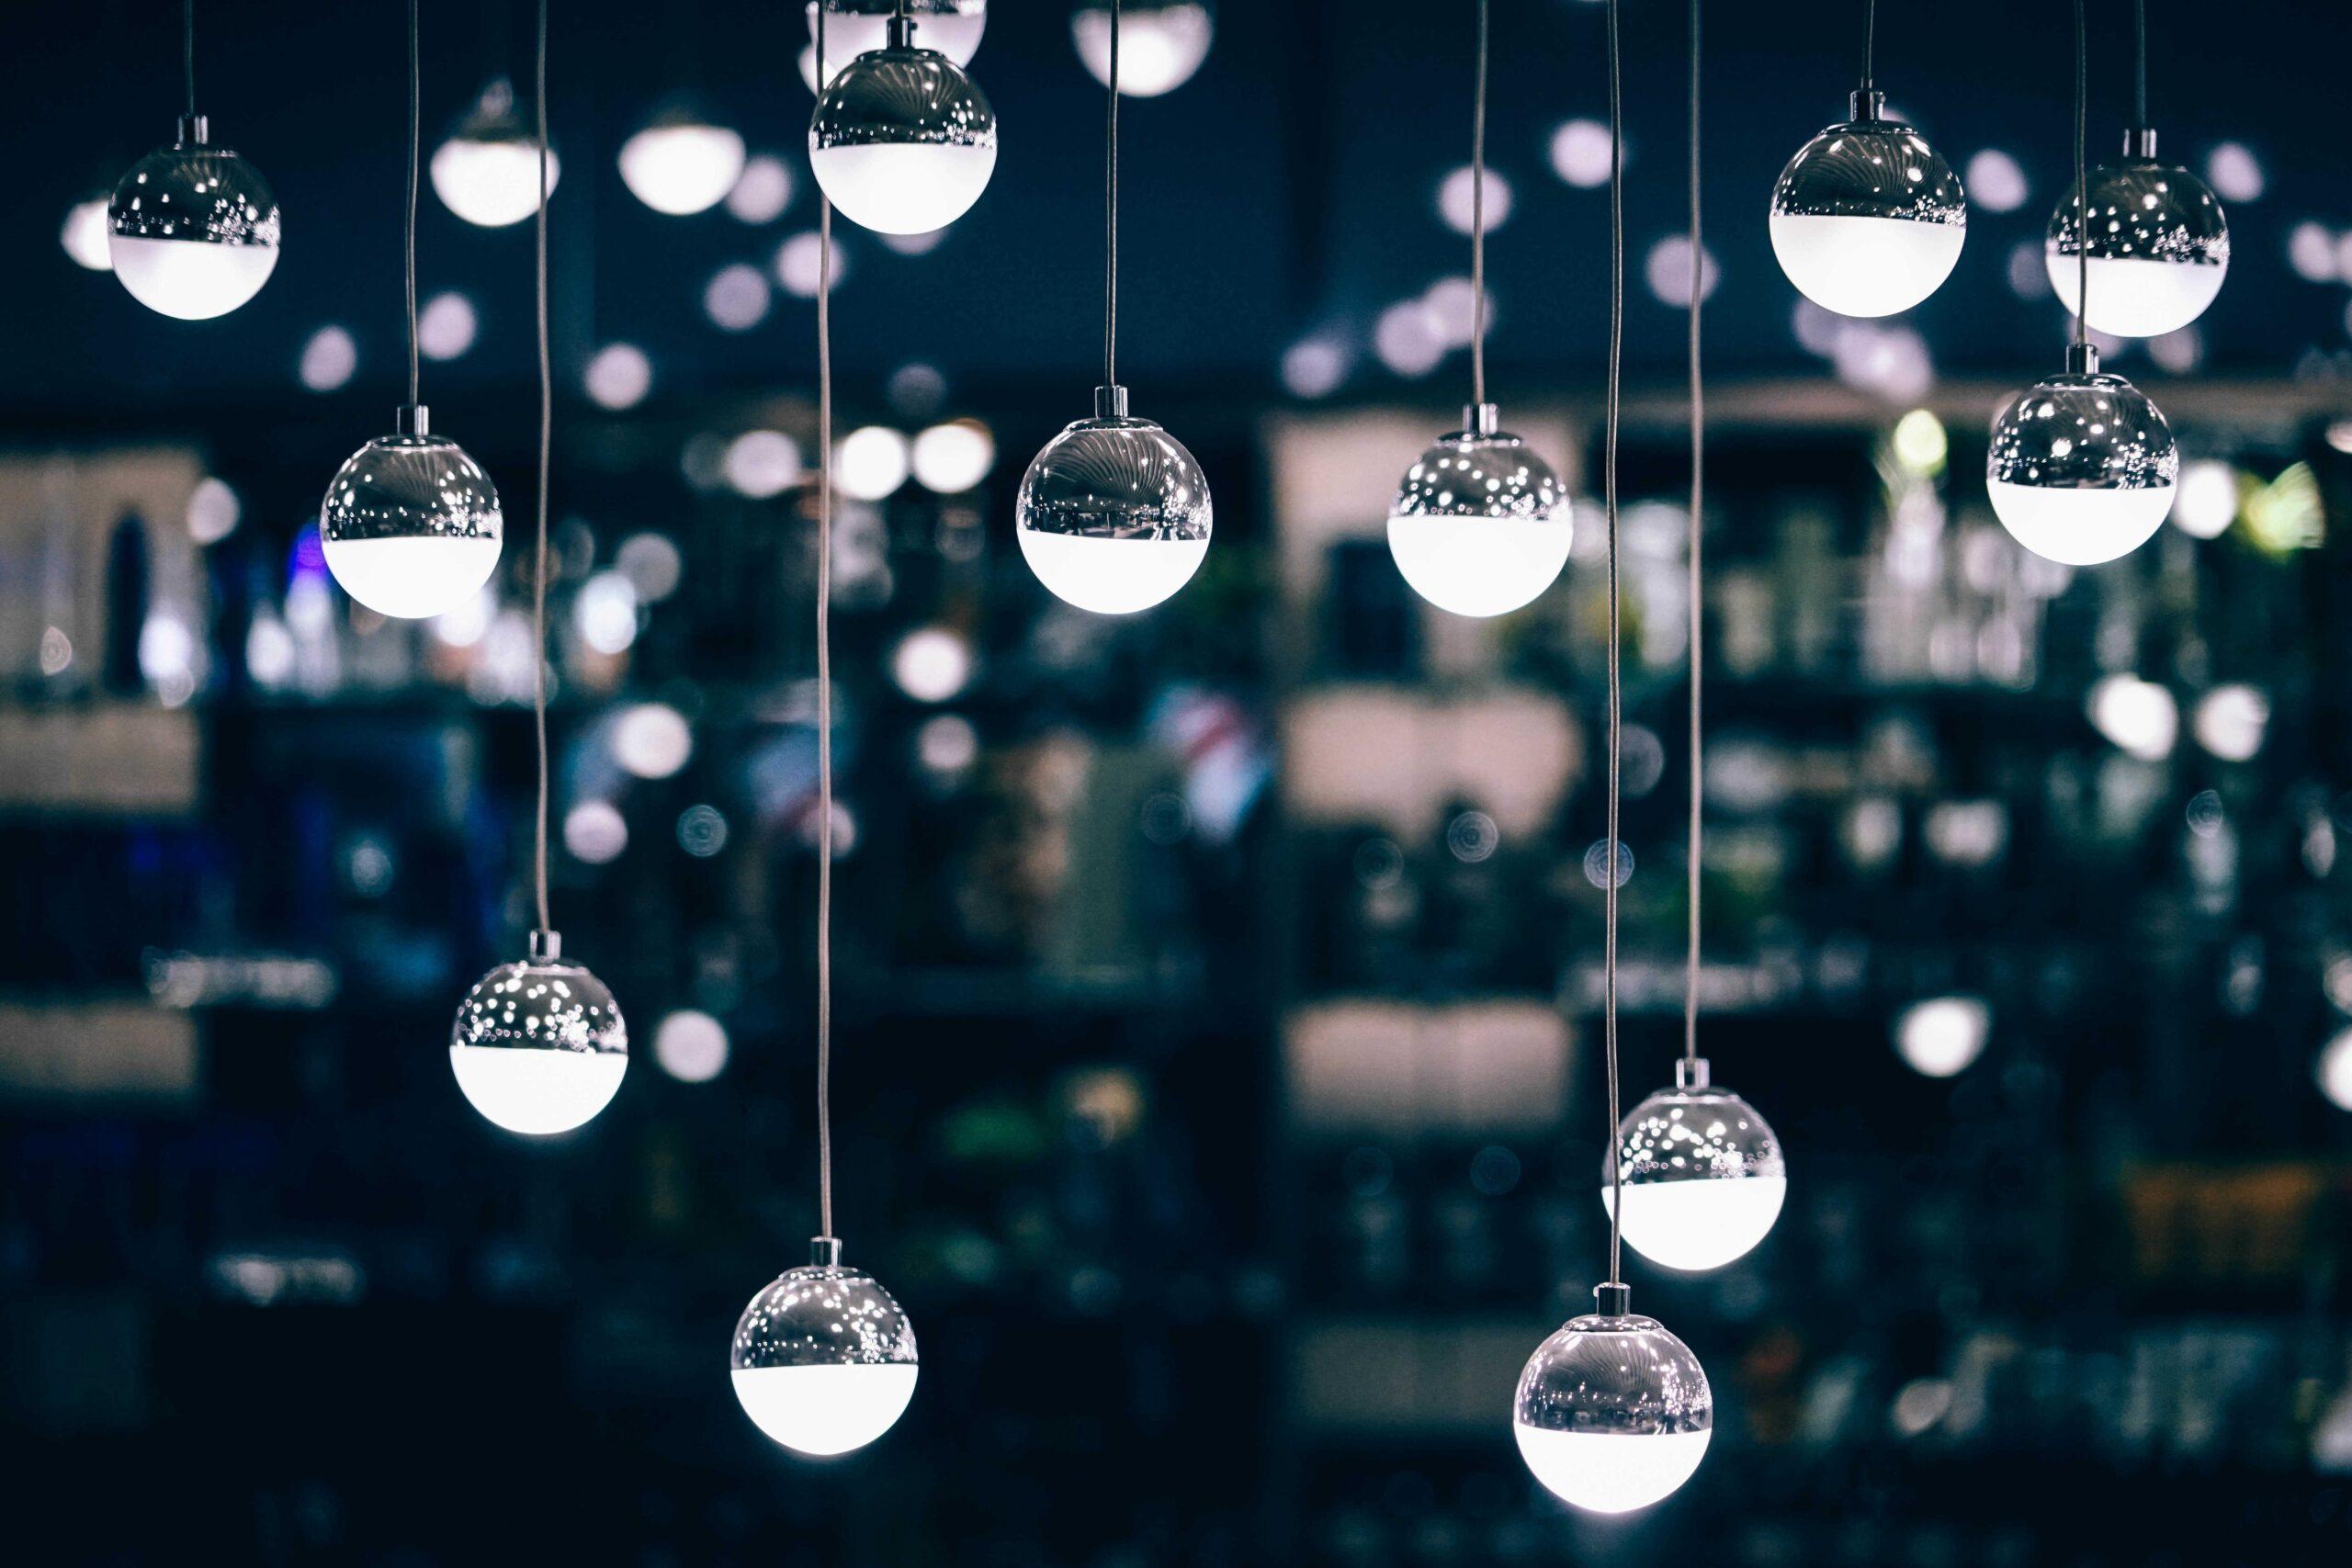 Assistenza Tecnica festività natalizie Brescia